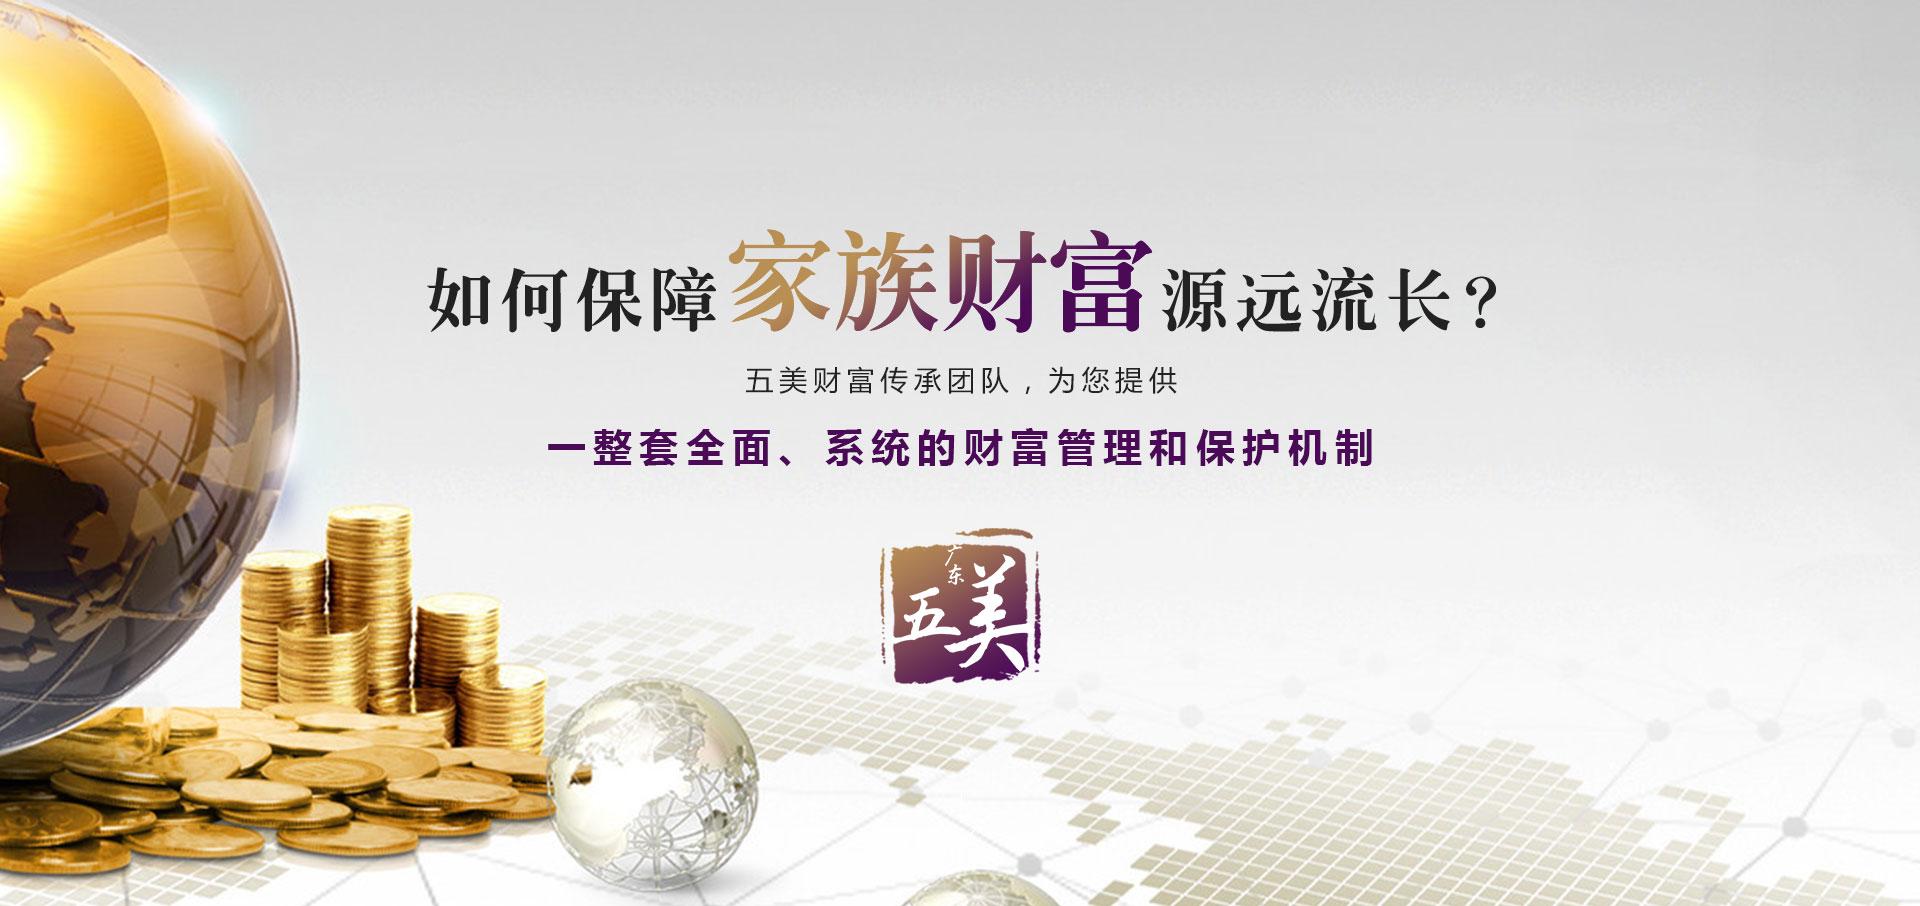 广东五美律师事务所-李小非律师